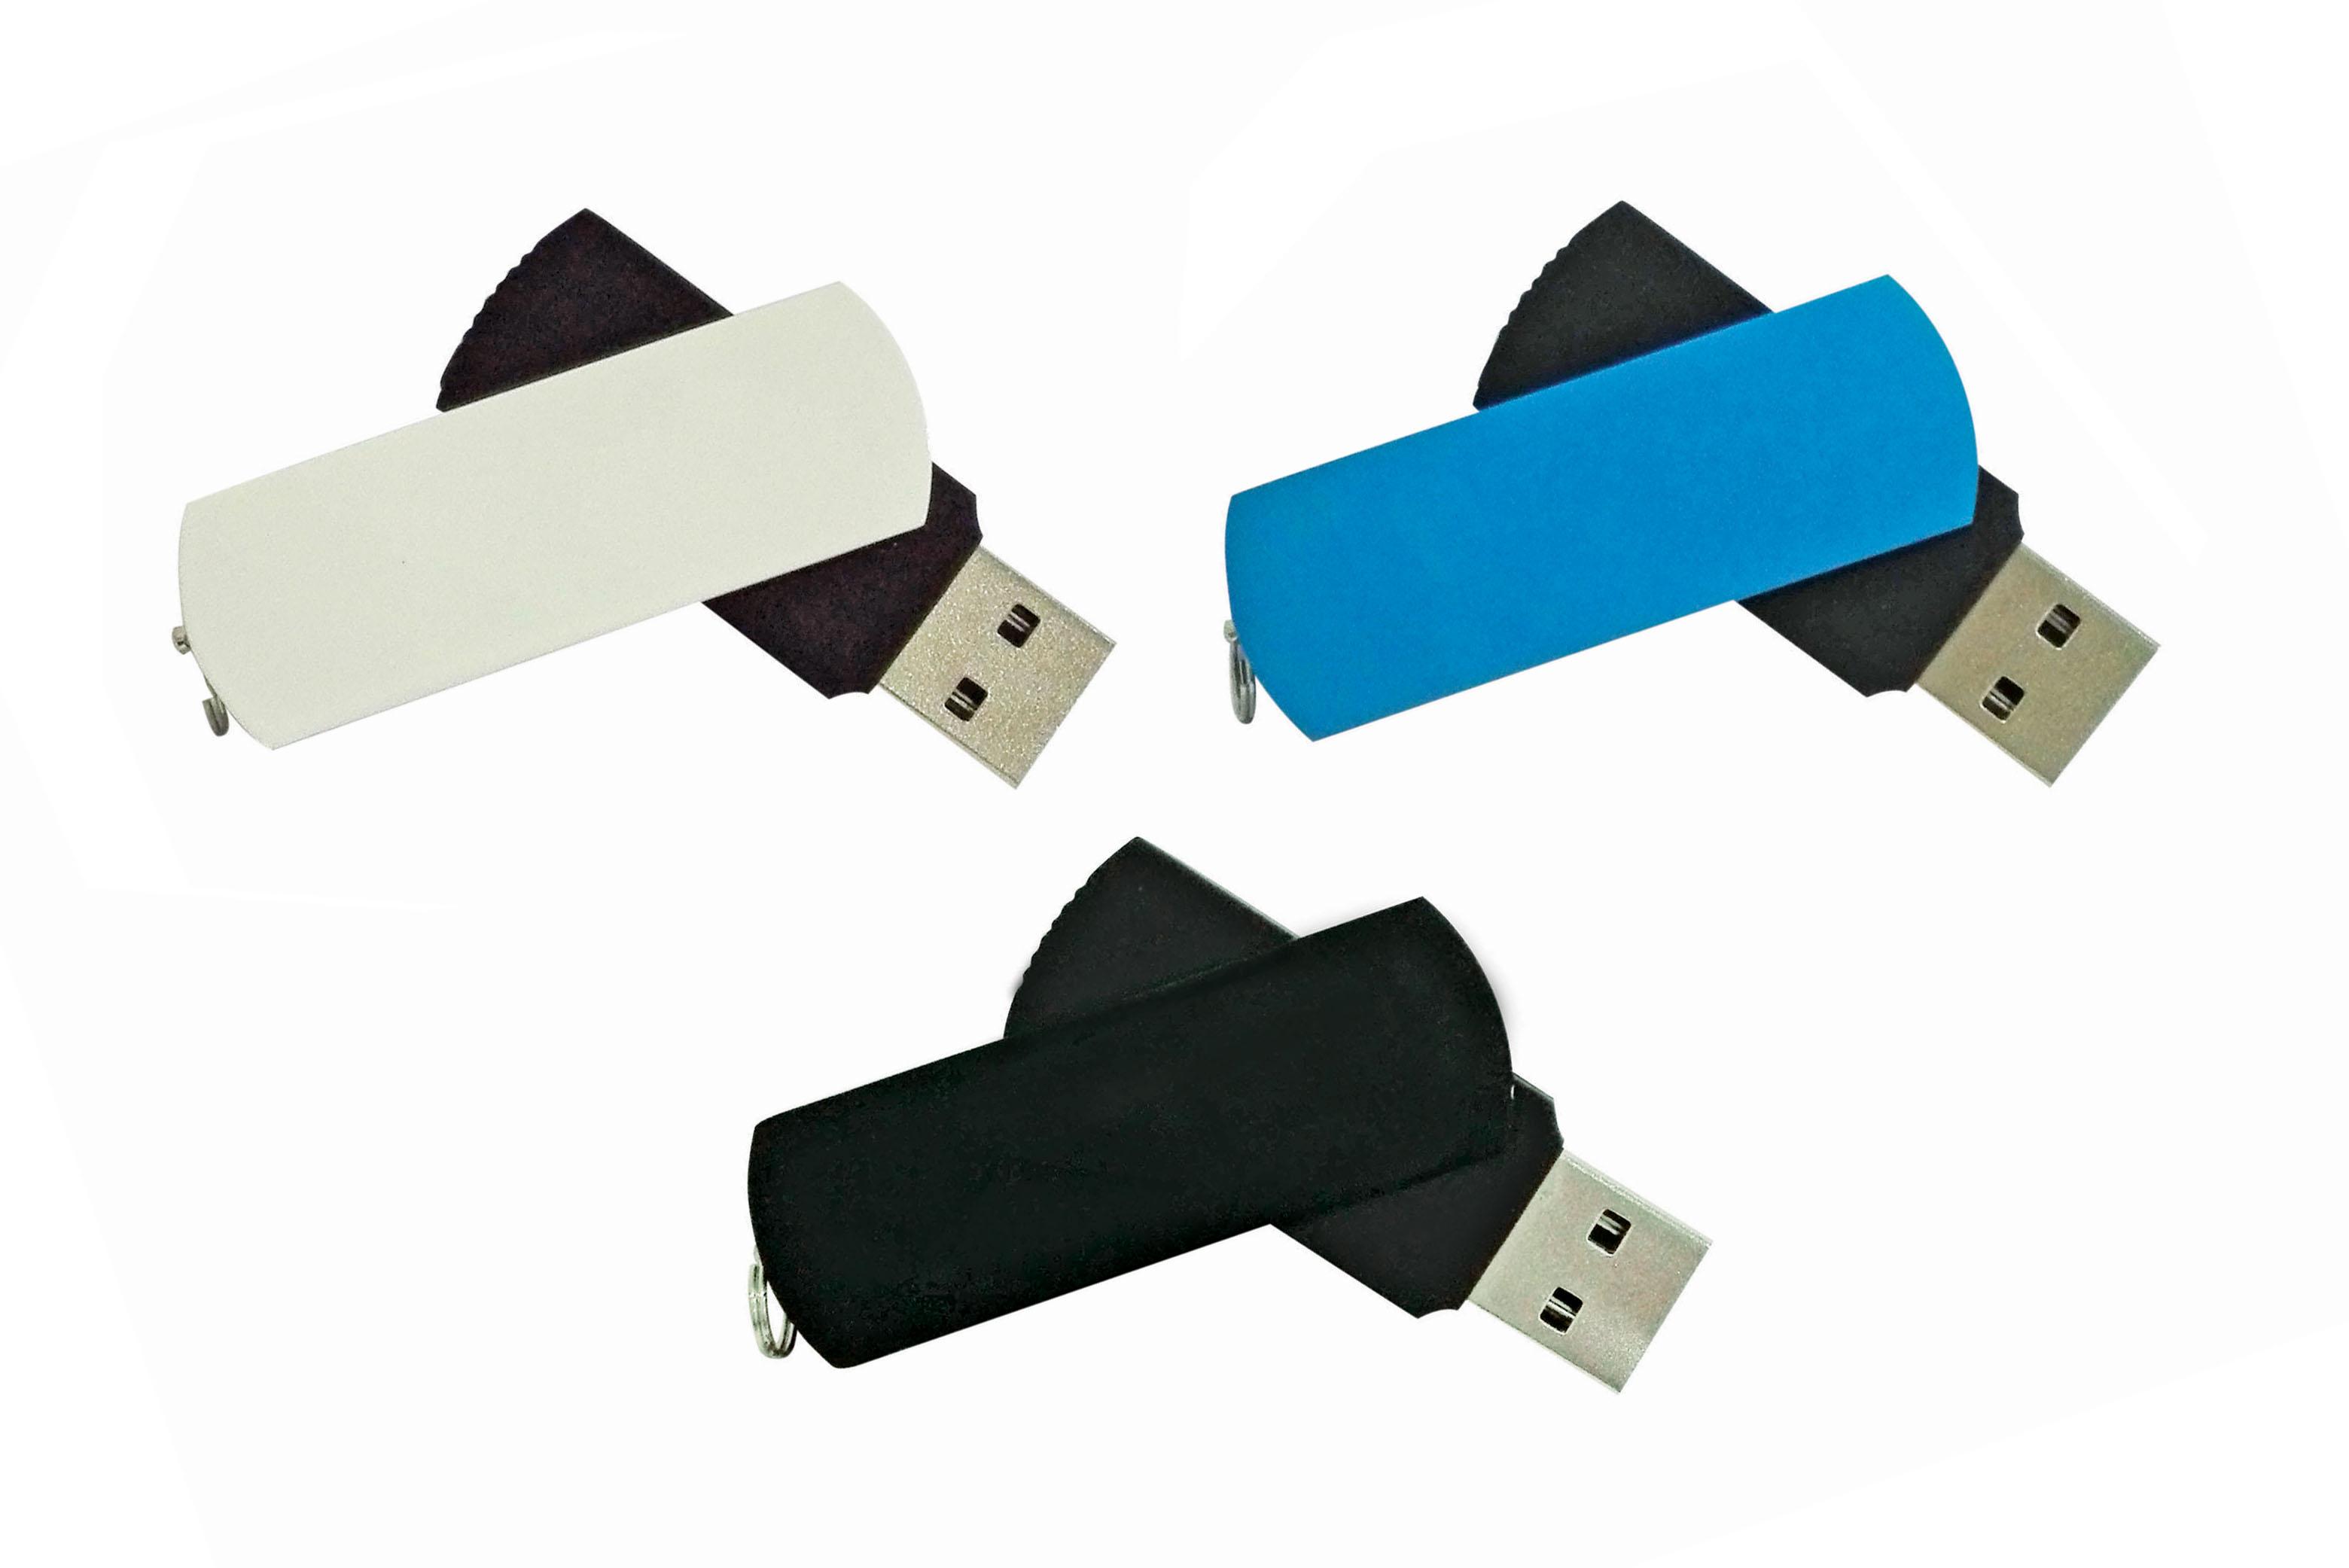 U17 Metal Swivel USB